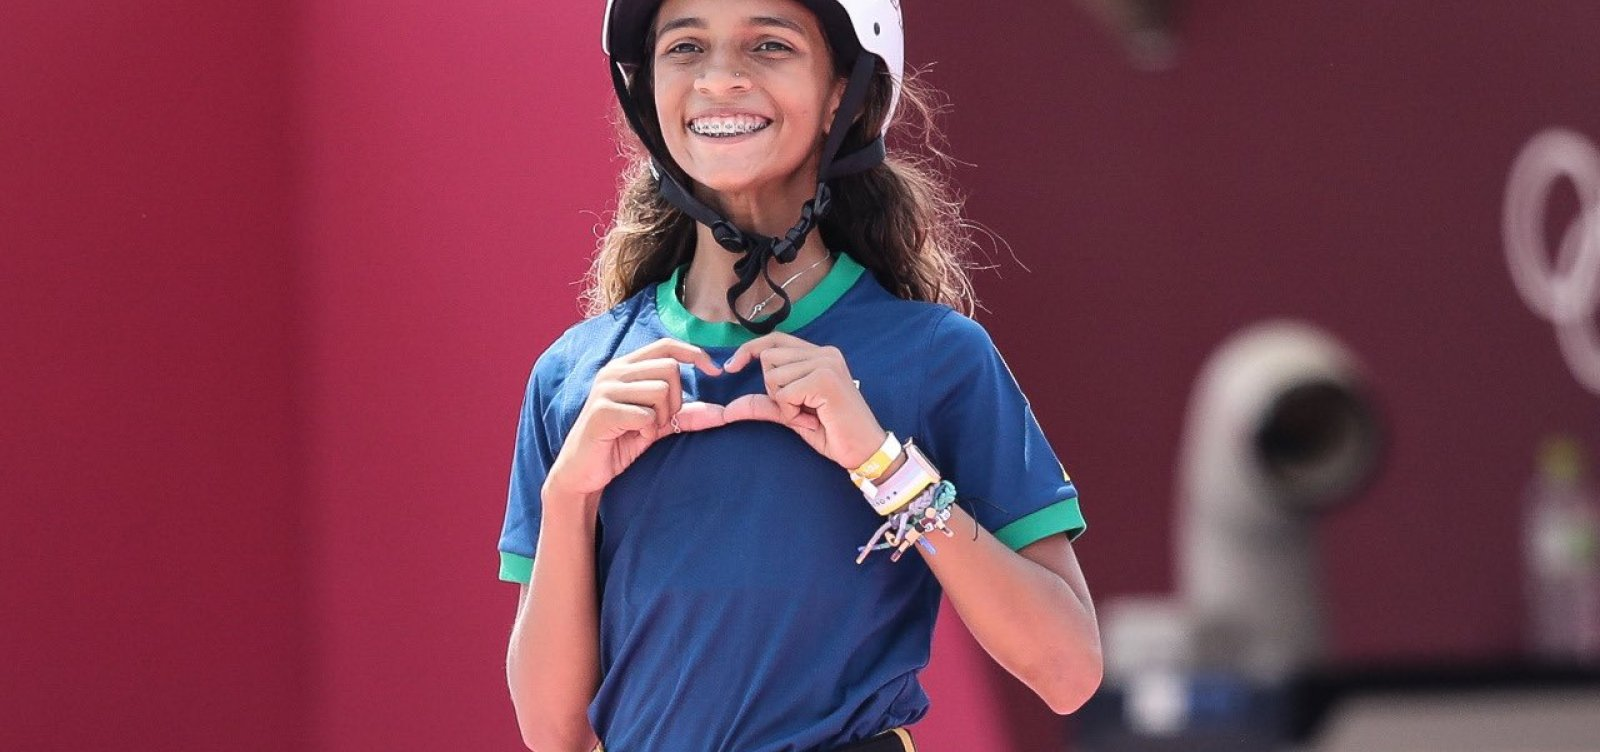 Com uma medalha de prata, Rayssa Leal se torna medalhista mais jovem do Brasil